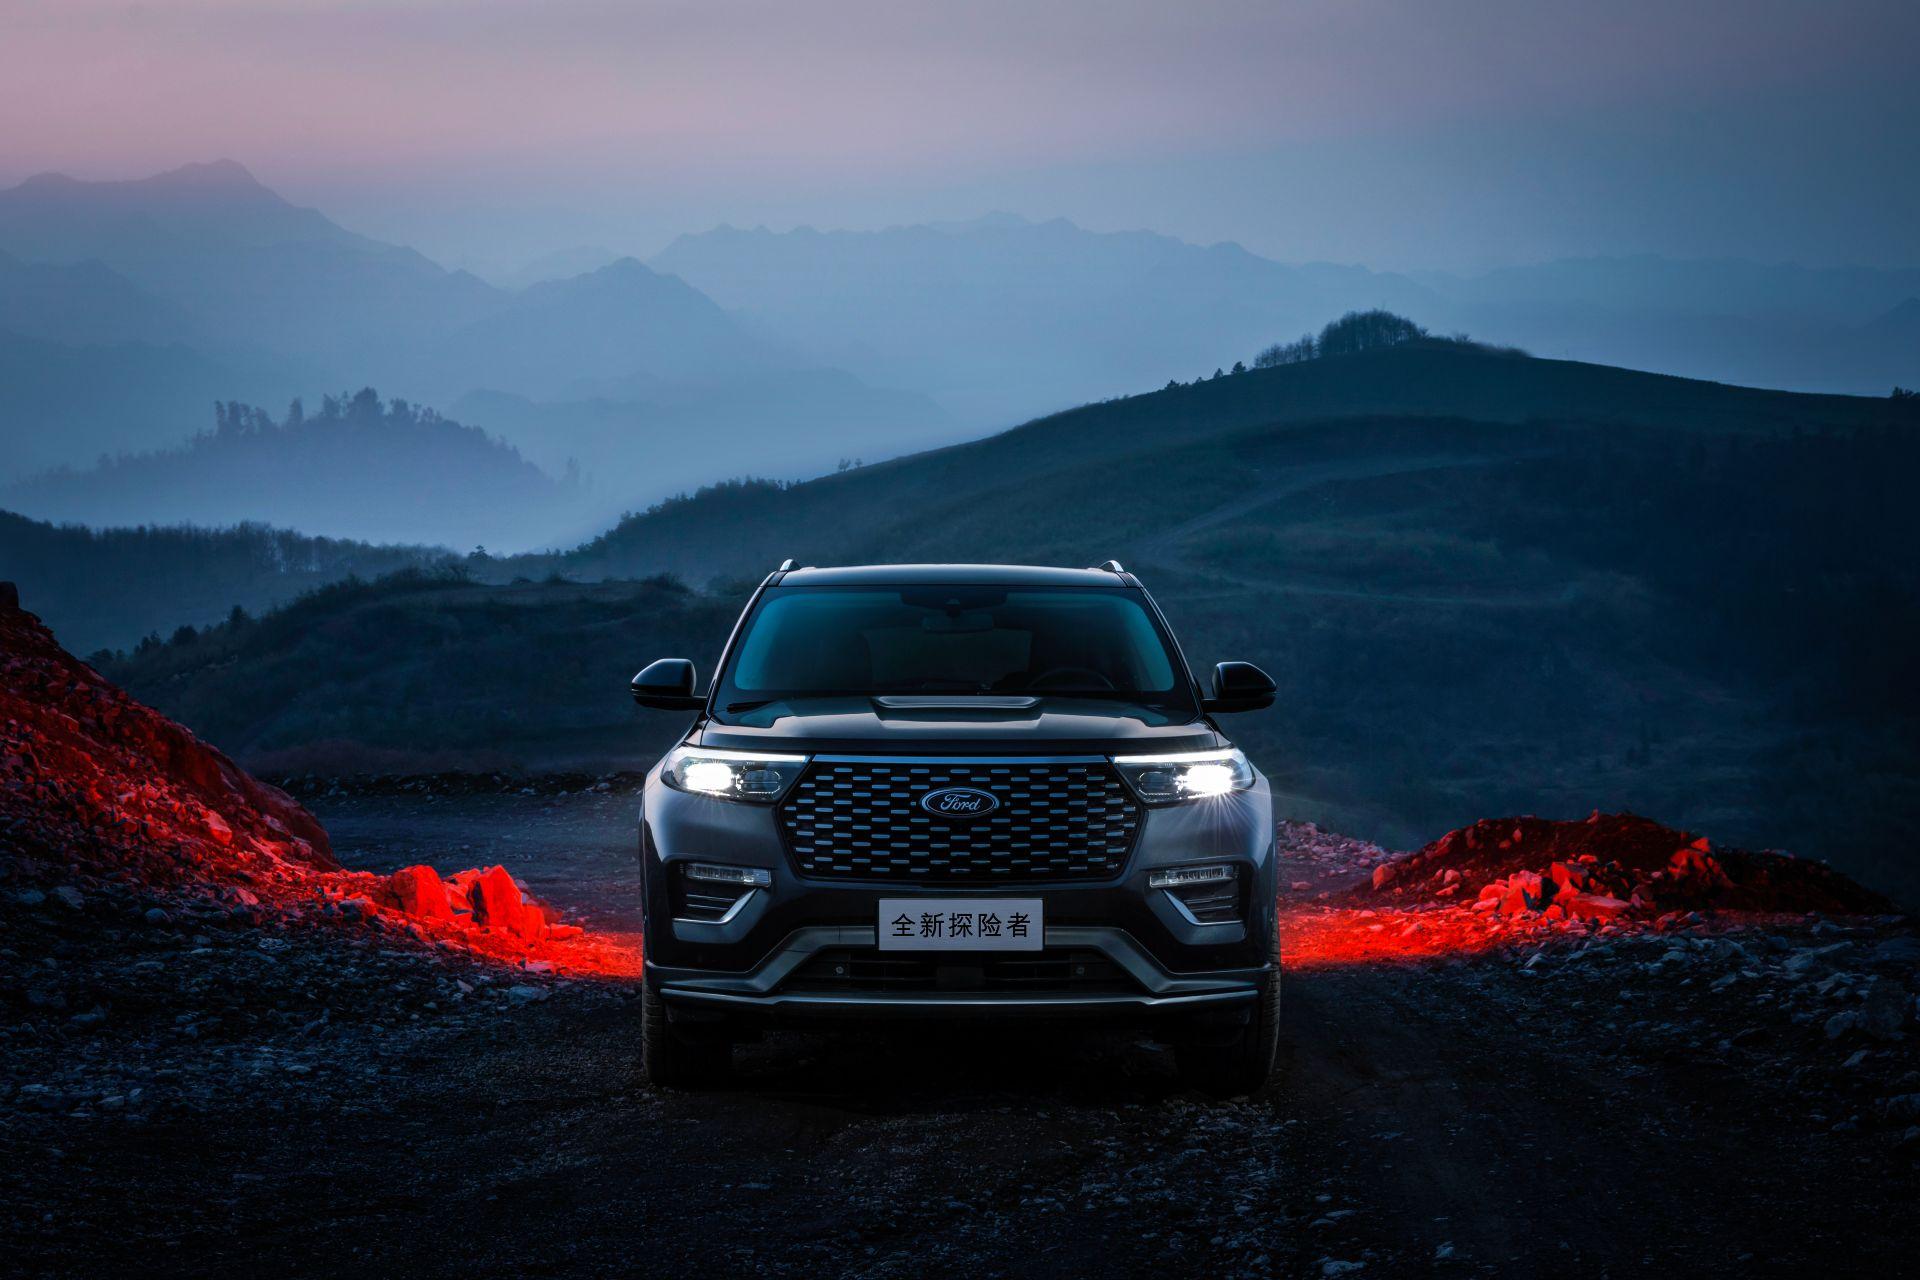 ford-explorer-for-china-beijing-live-pics-17.jpg